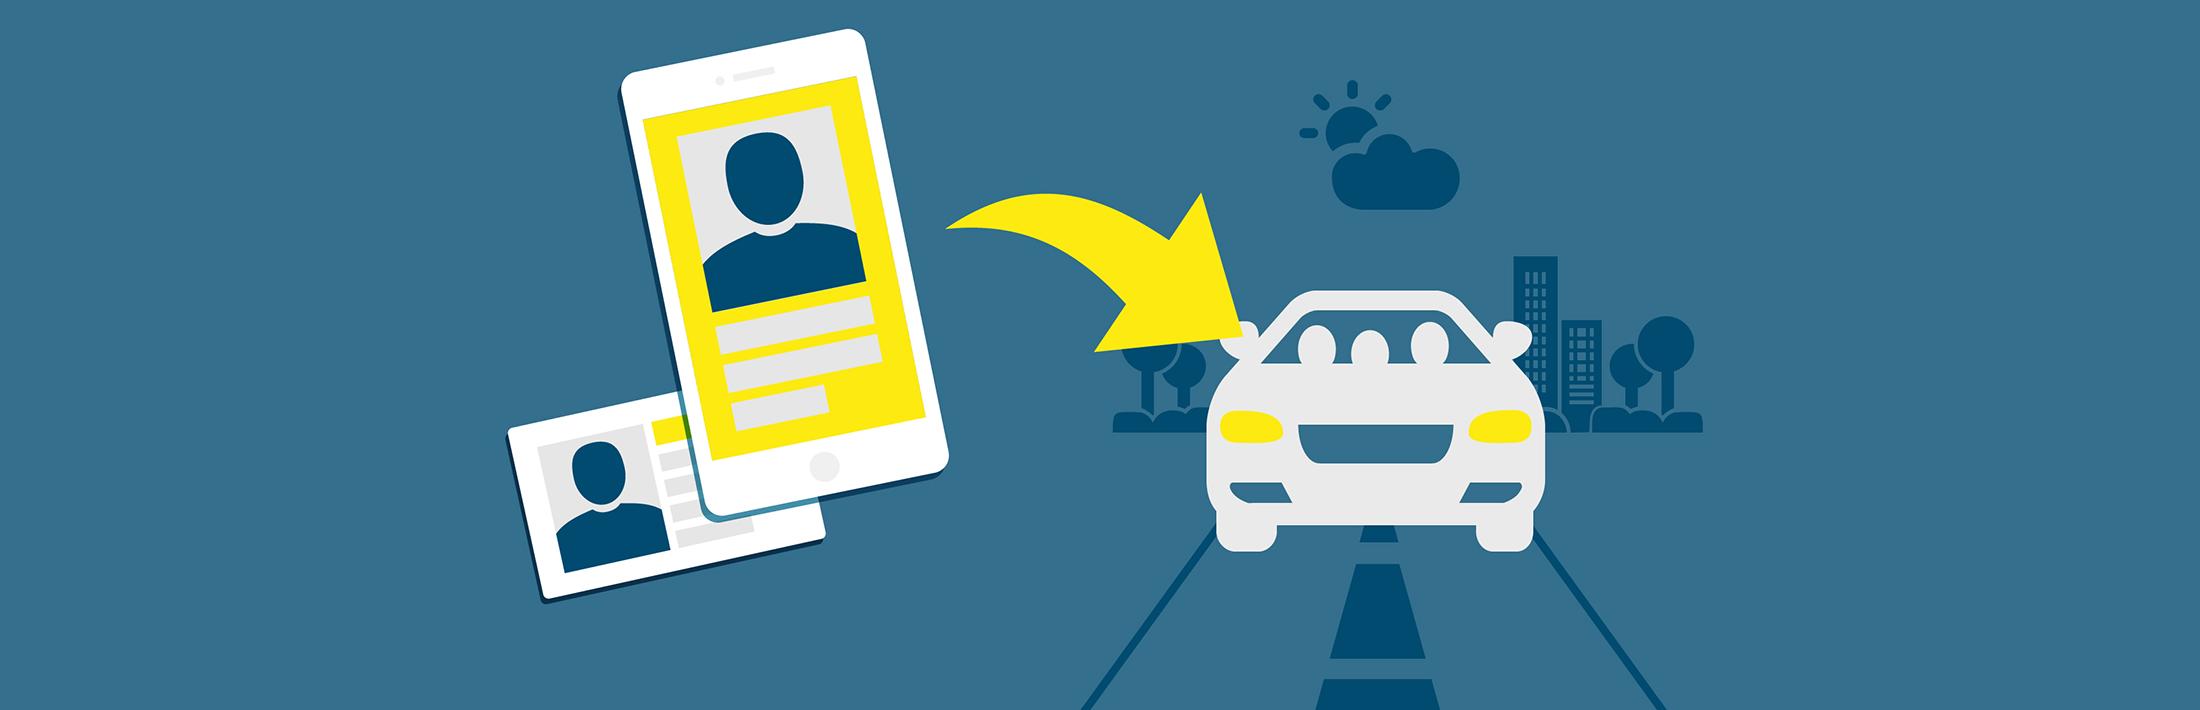 Vozilo je odklenjeno z aplikacijo ali kartico, vi samo vstopite in odpeljete. Po končani vožnji enostavno ponovno zaklenete z aplikacijo ali kartico.